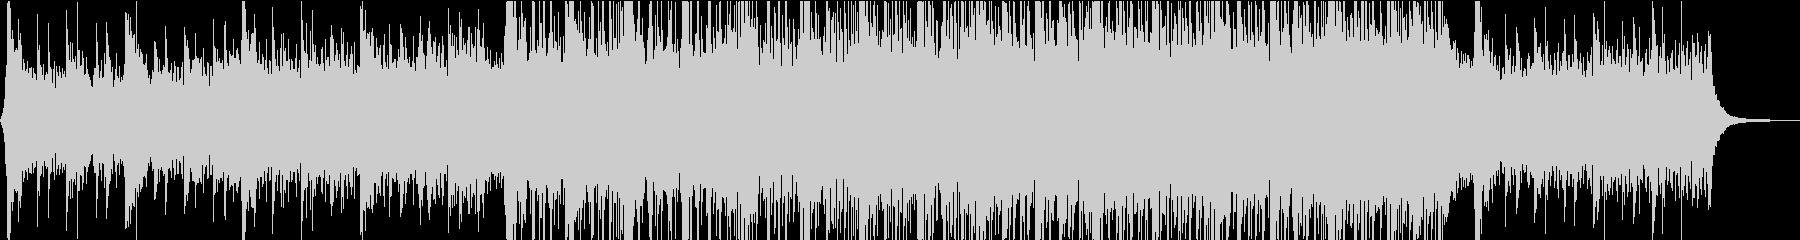 バトル系オーケストラ+ヒップホップの未再生の波形